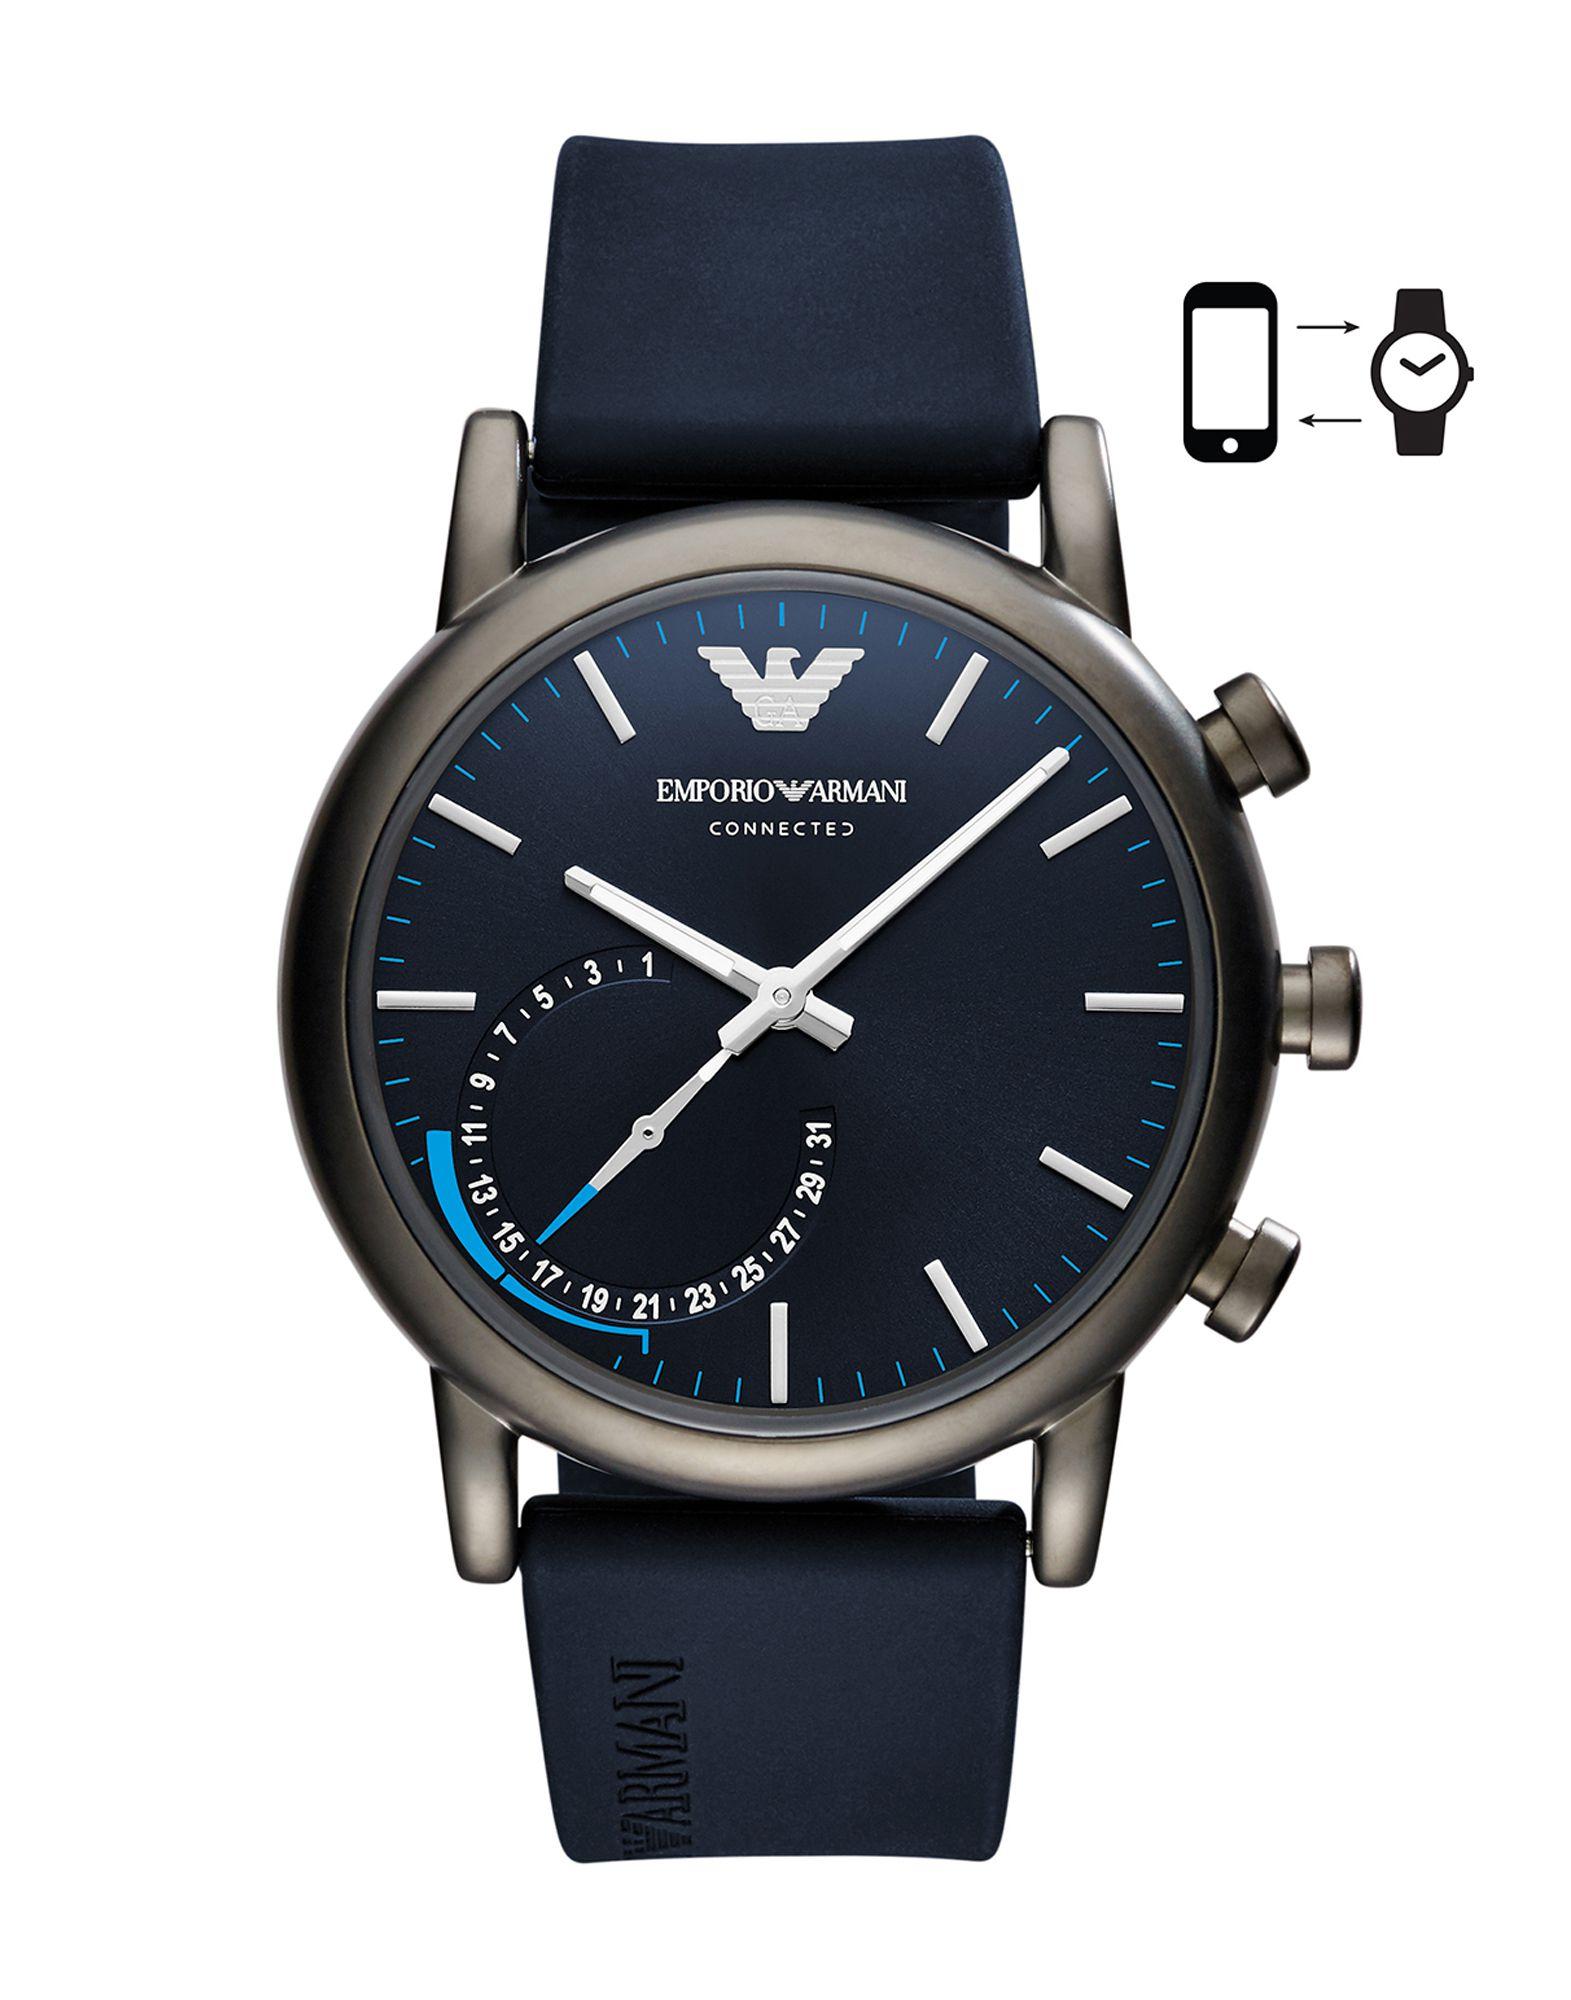 EMPORIO ARMANI CONNECTED Herren Smartwatch Farbe Dunkelblau Größe 1